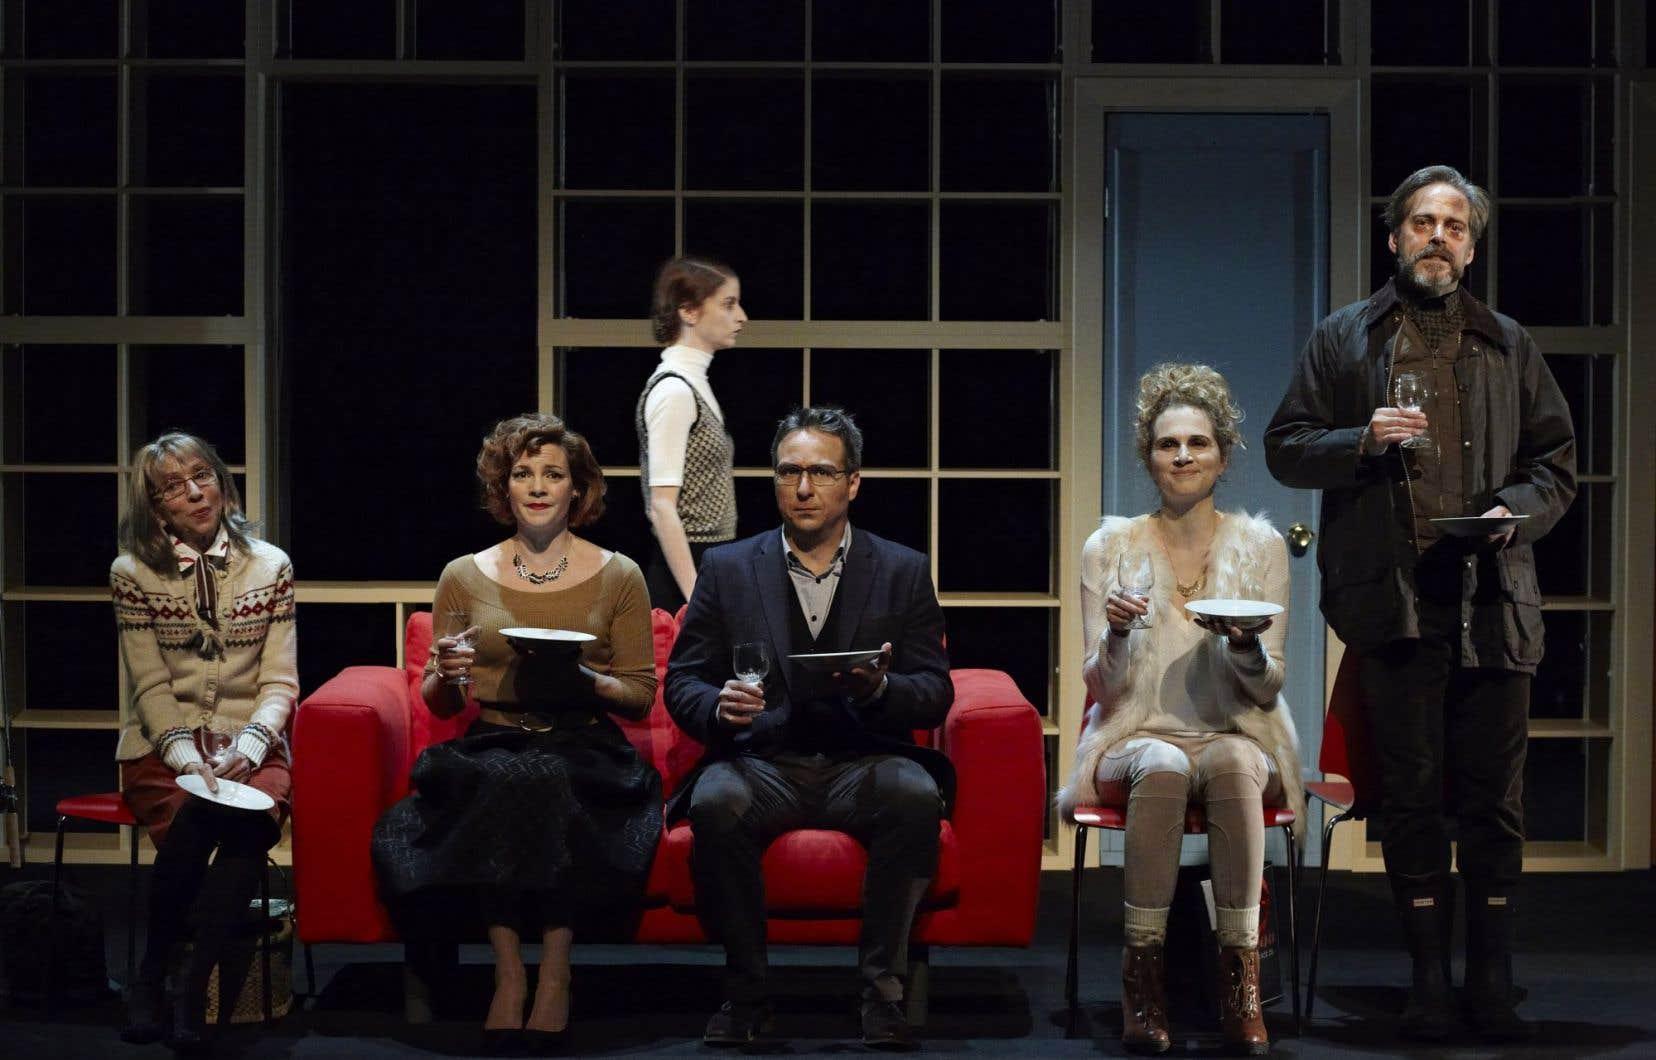 «Bientôt viendra le temps», étrange comédie dramatique de la Danoise Line Knutzon